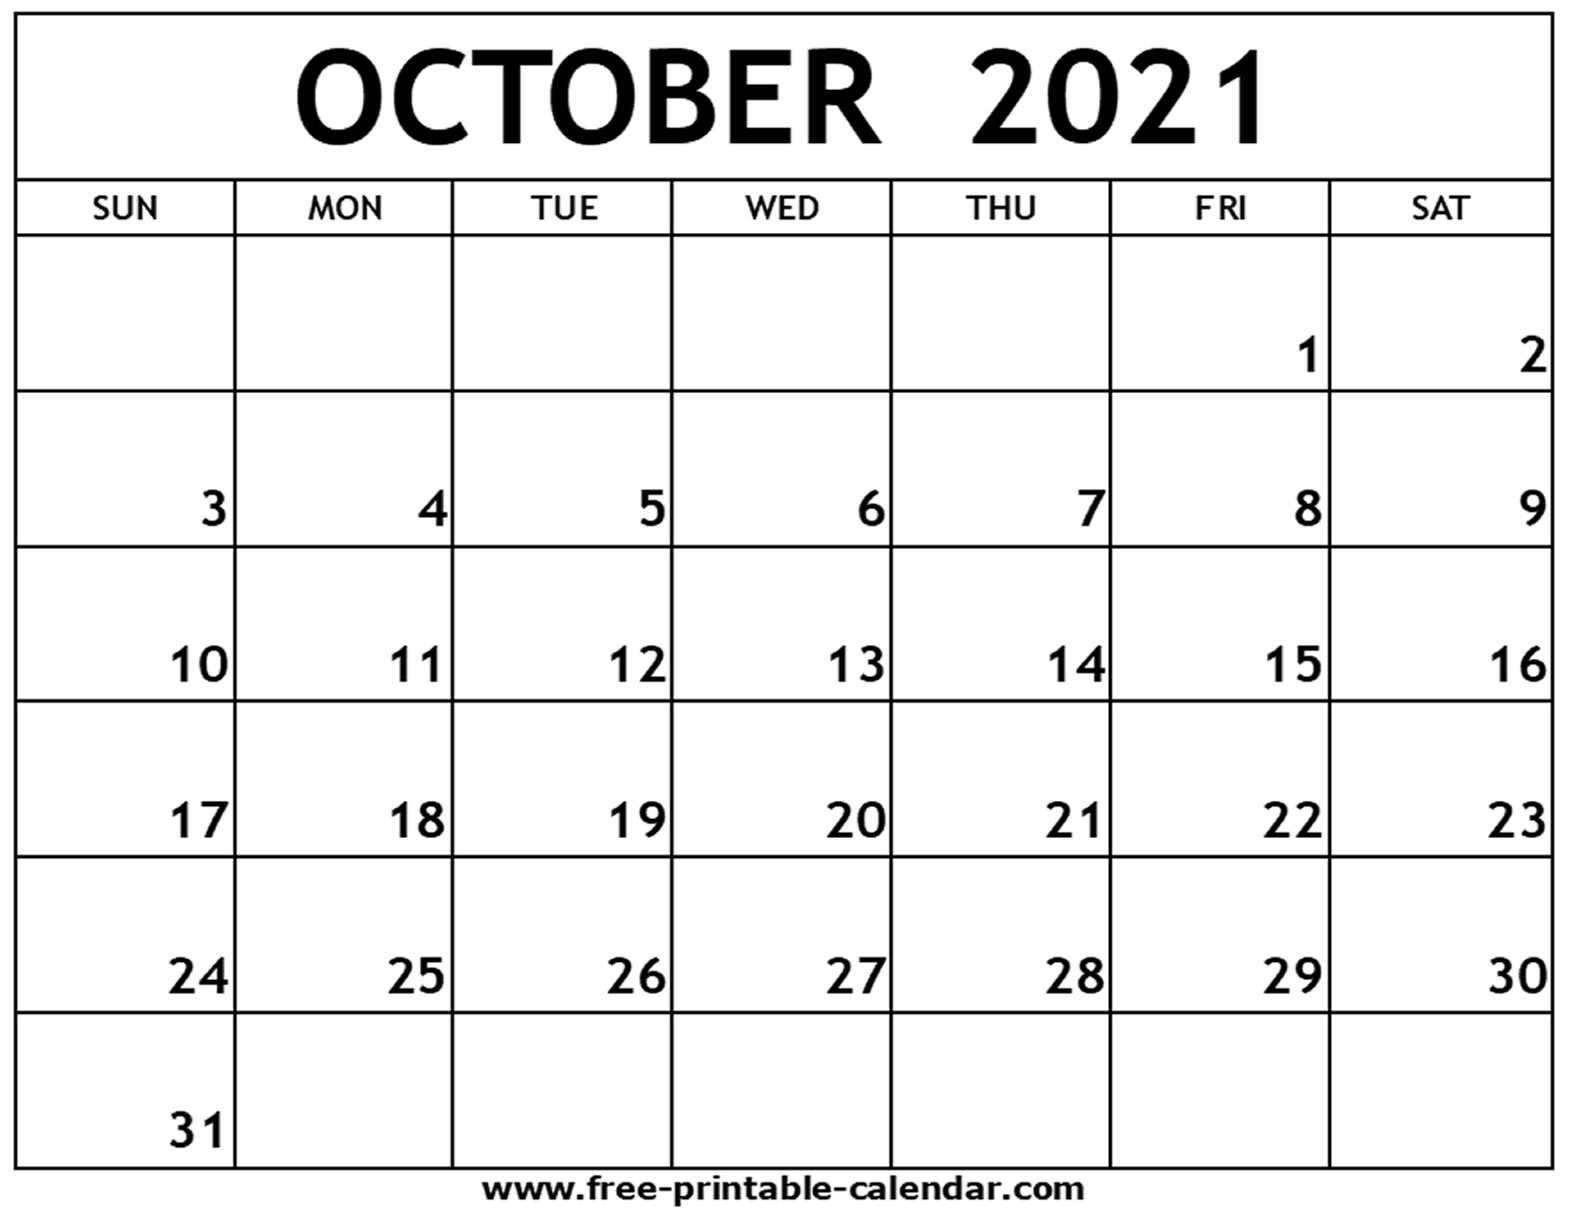 October 2021 Printable Calendar - Free-Printable-Calendar